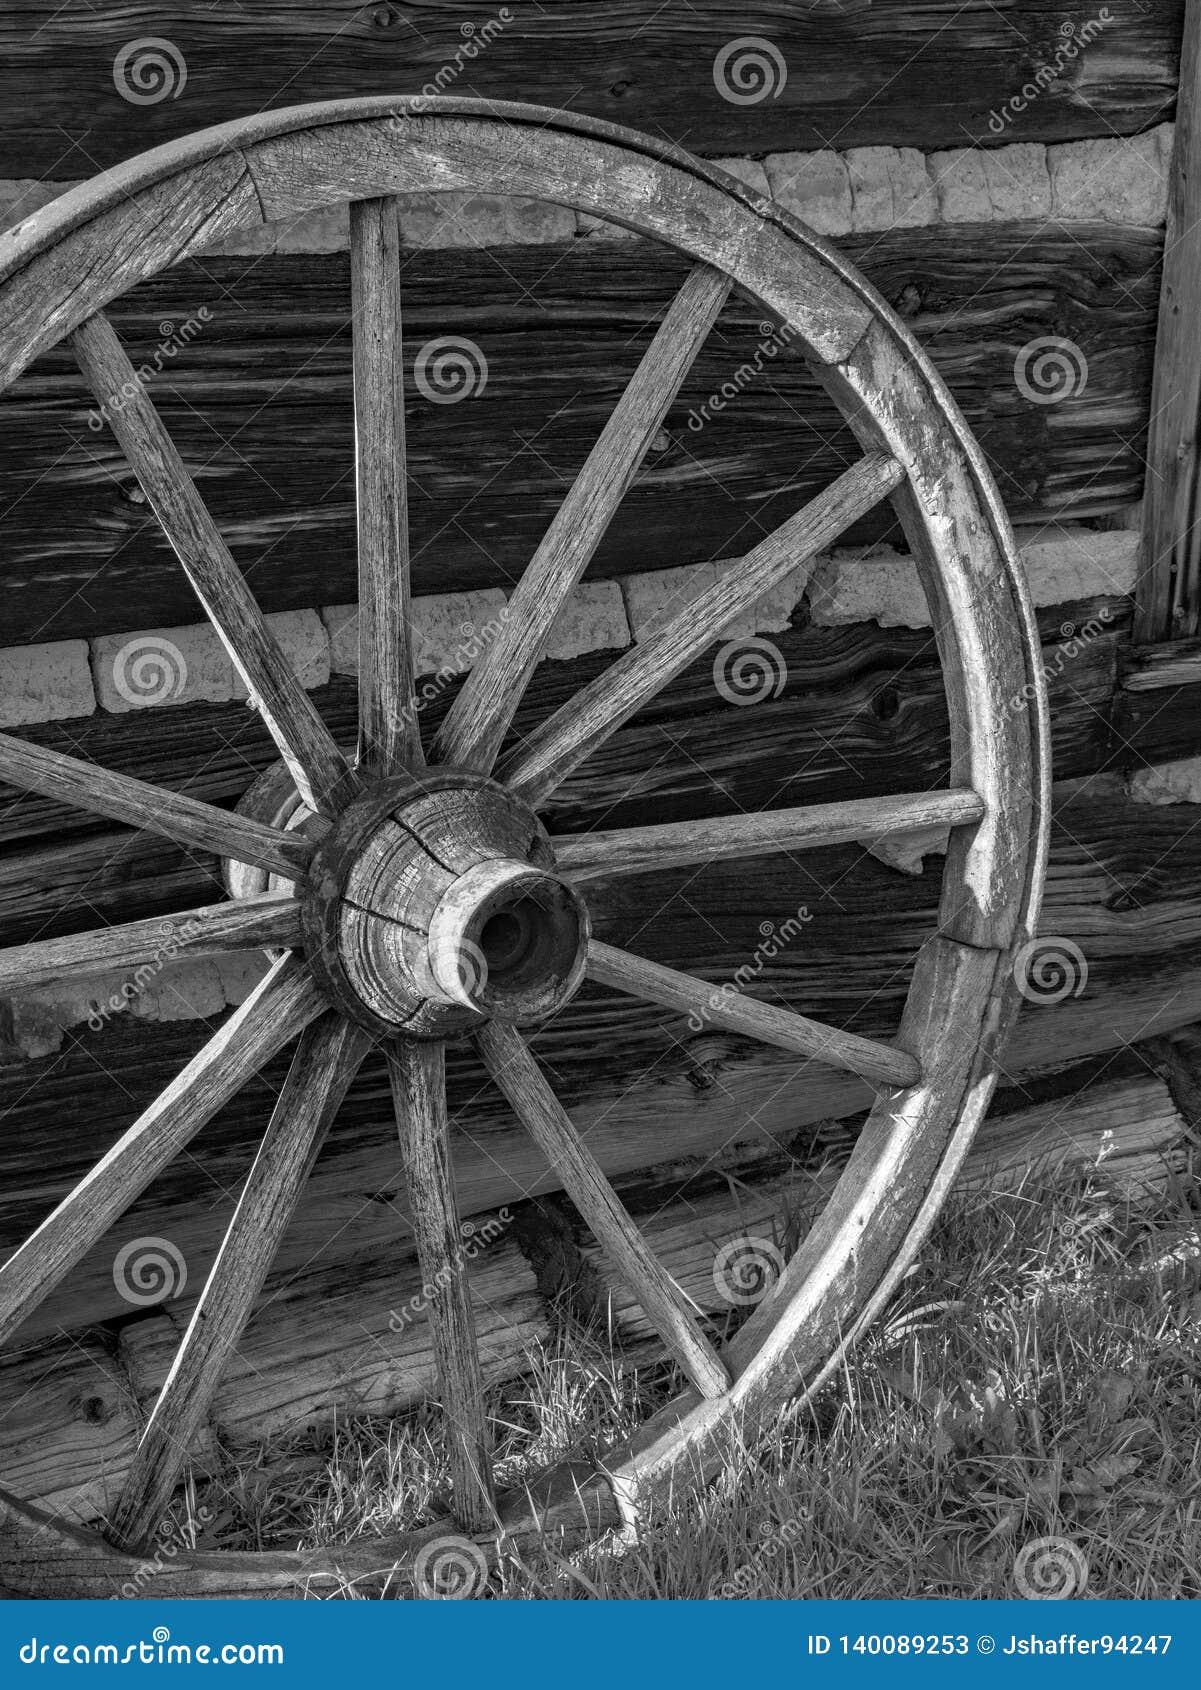 Roda de vagão de madeira antiga contra o celeiro de madeira